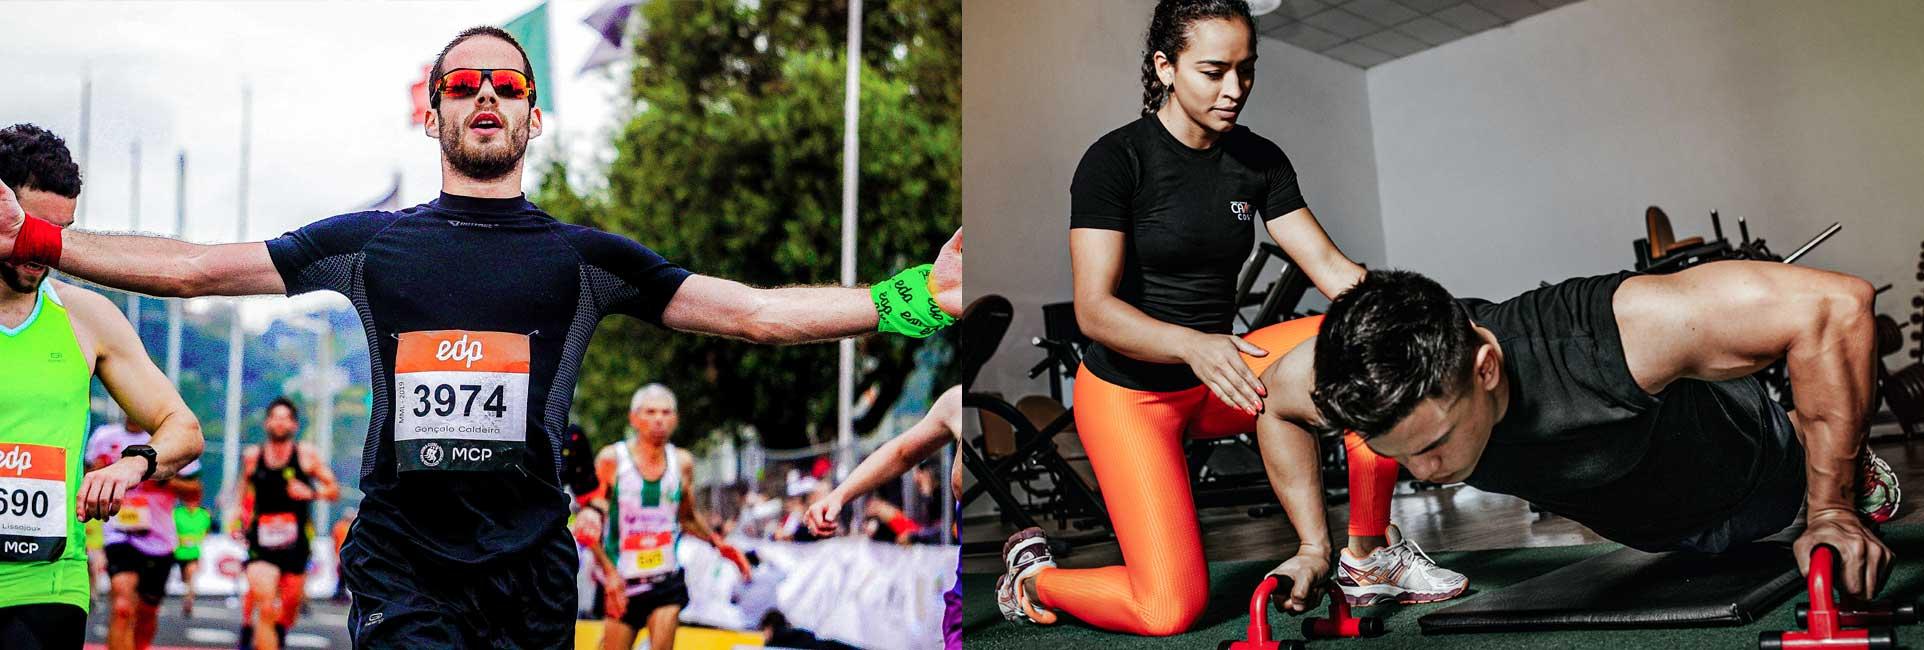 Leichtathlet und Fitnesssportler